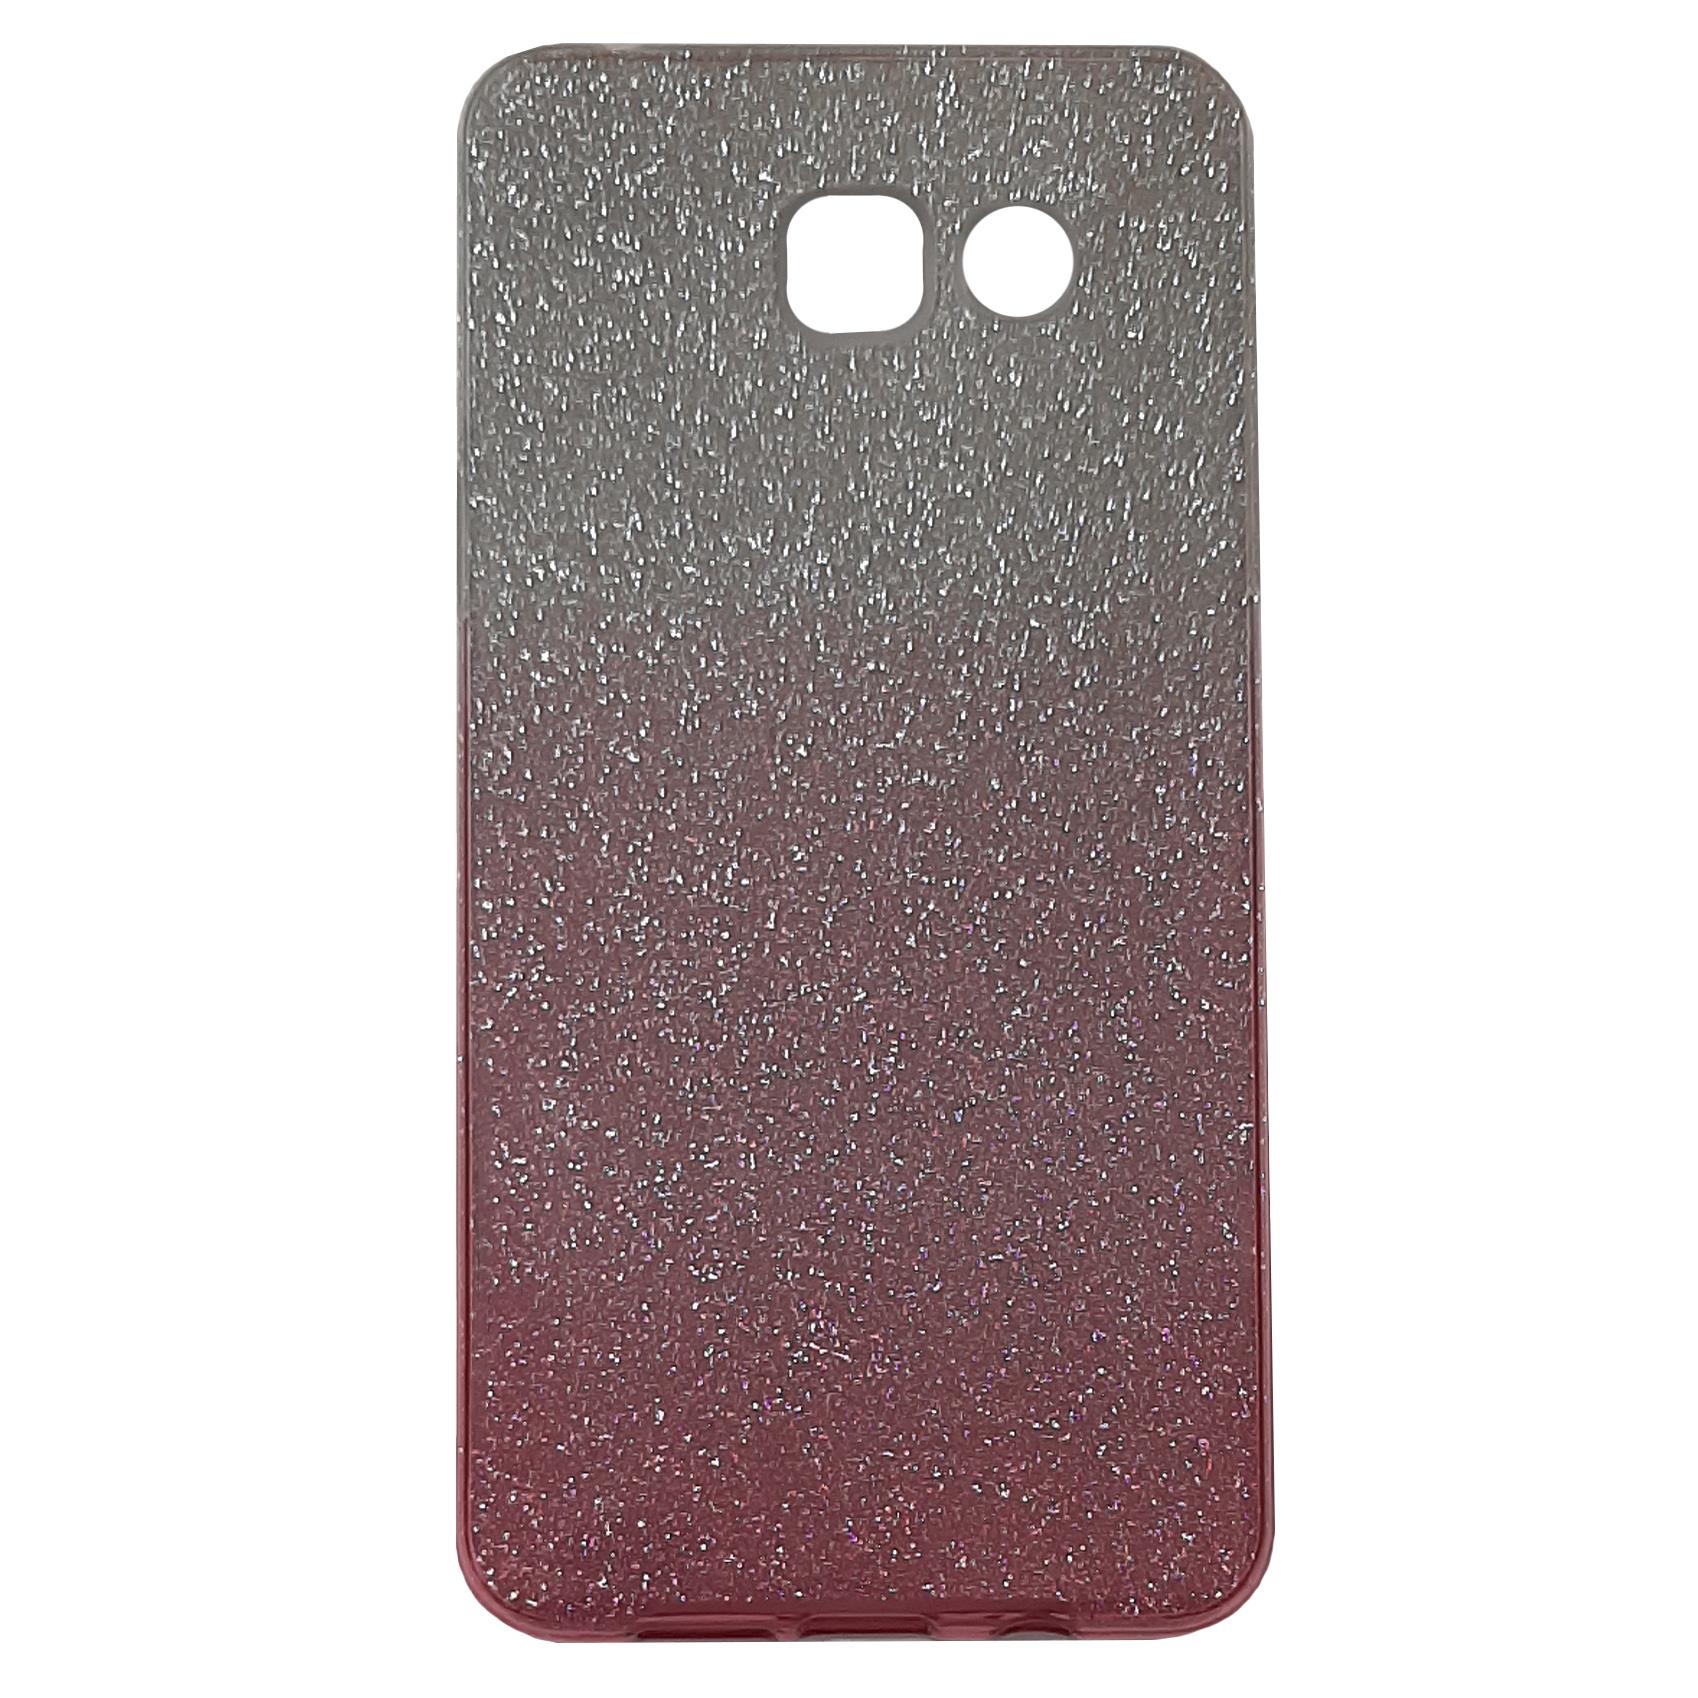 کاور مدل FSH-101 مناسب برای گوشی موبایل سامسونگ Galaxy A510/ A5 2016